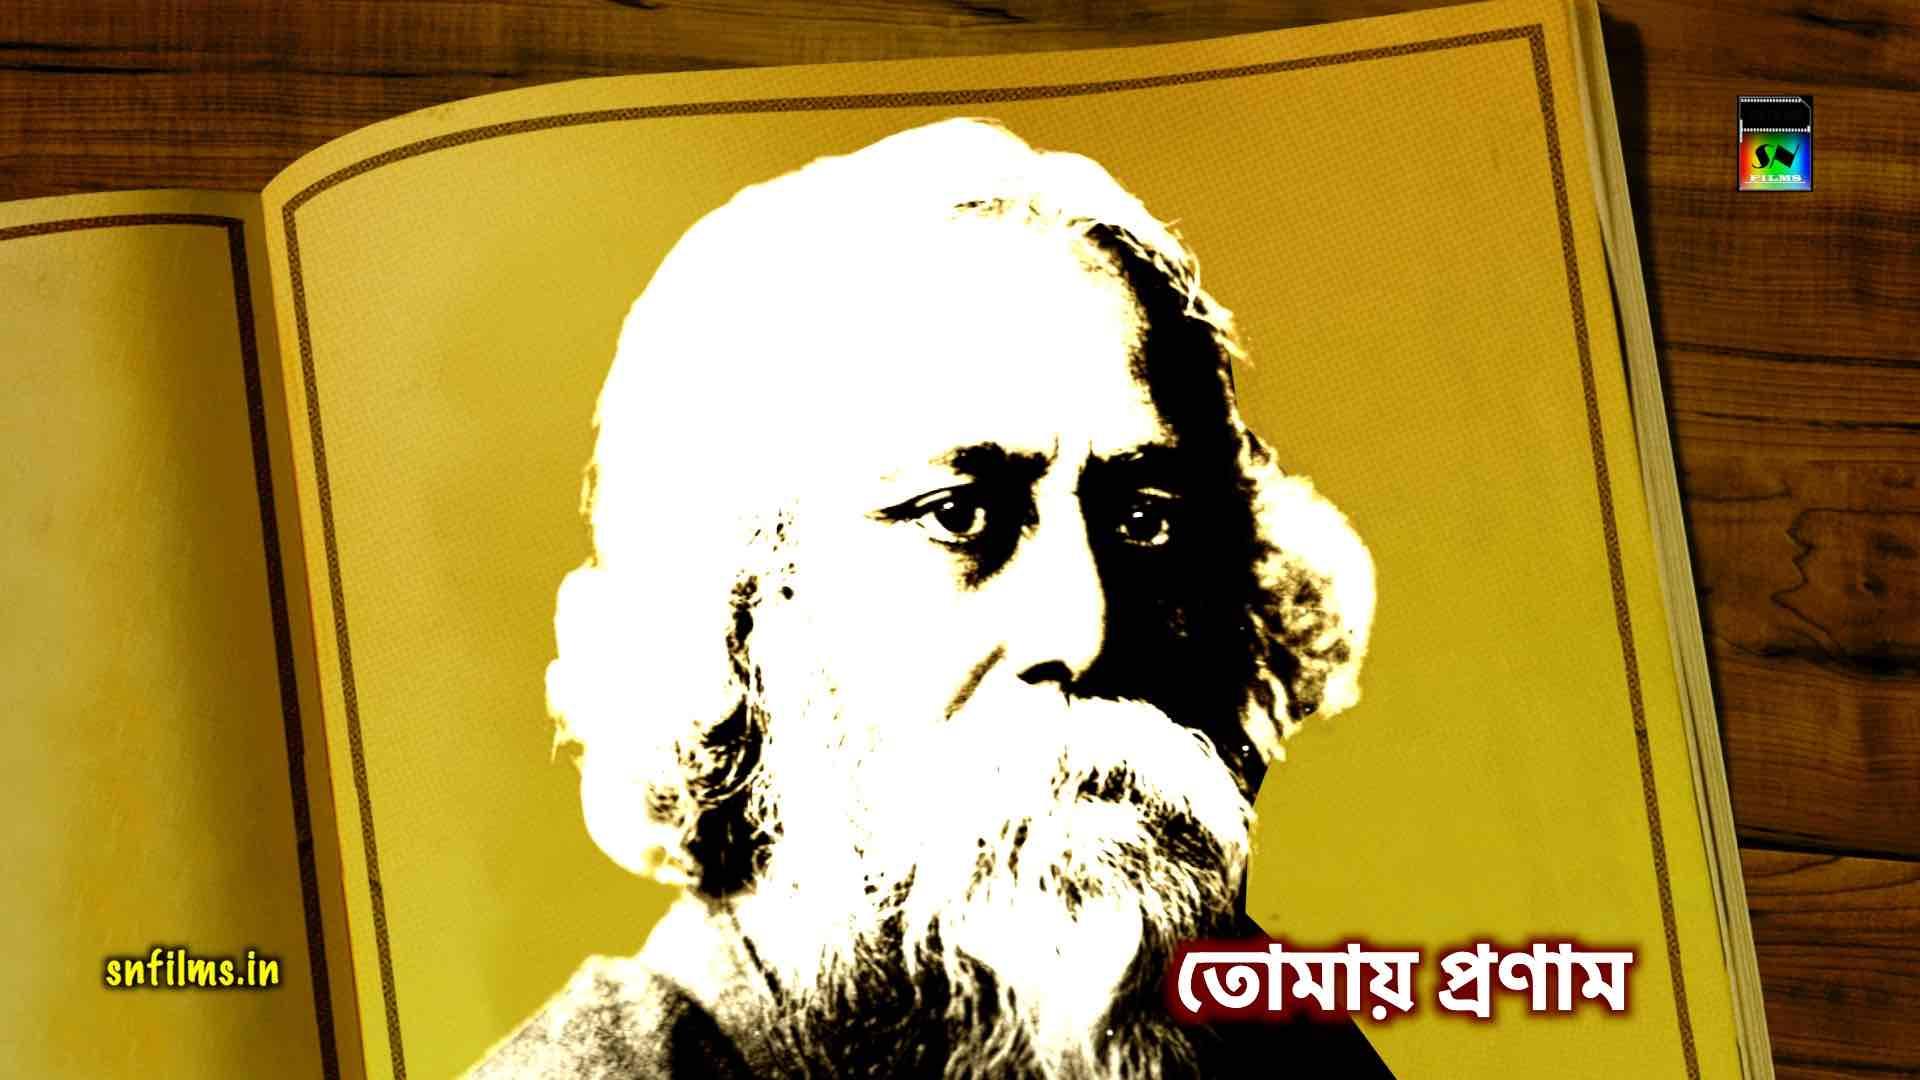 baishe shrabon - rabindranath thakur - death anniversary - kobi pronam